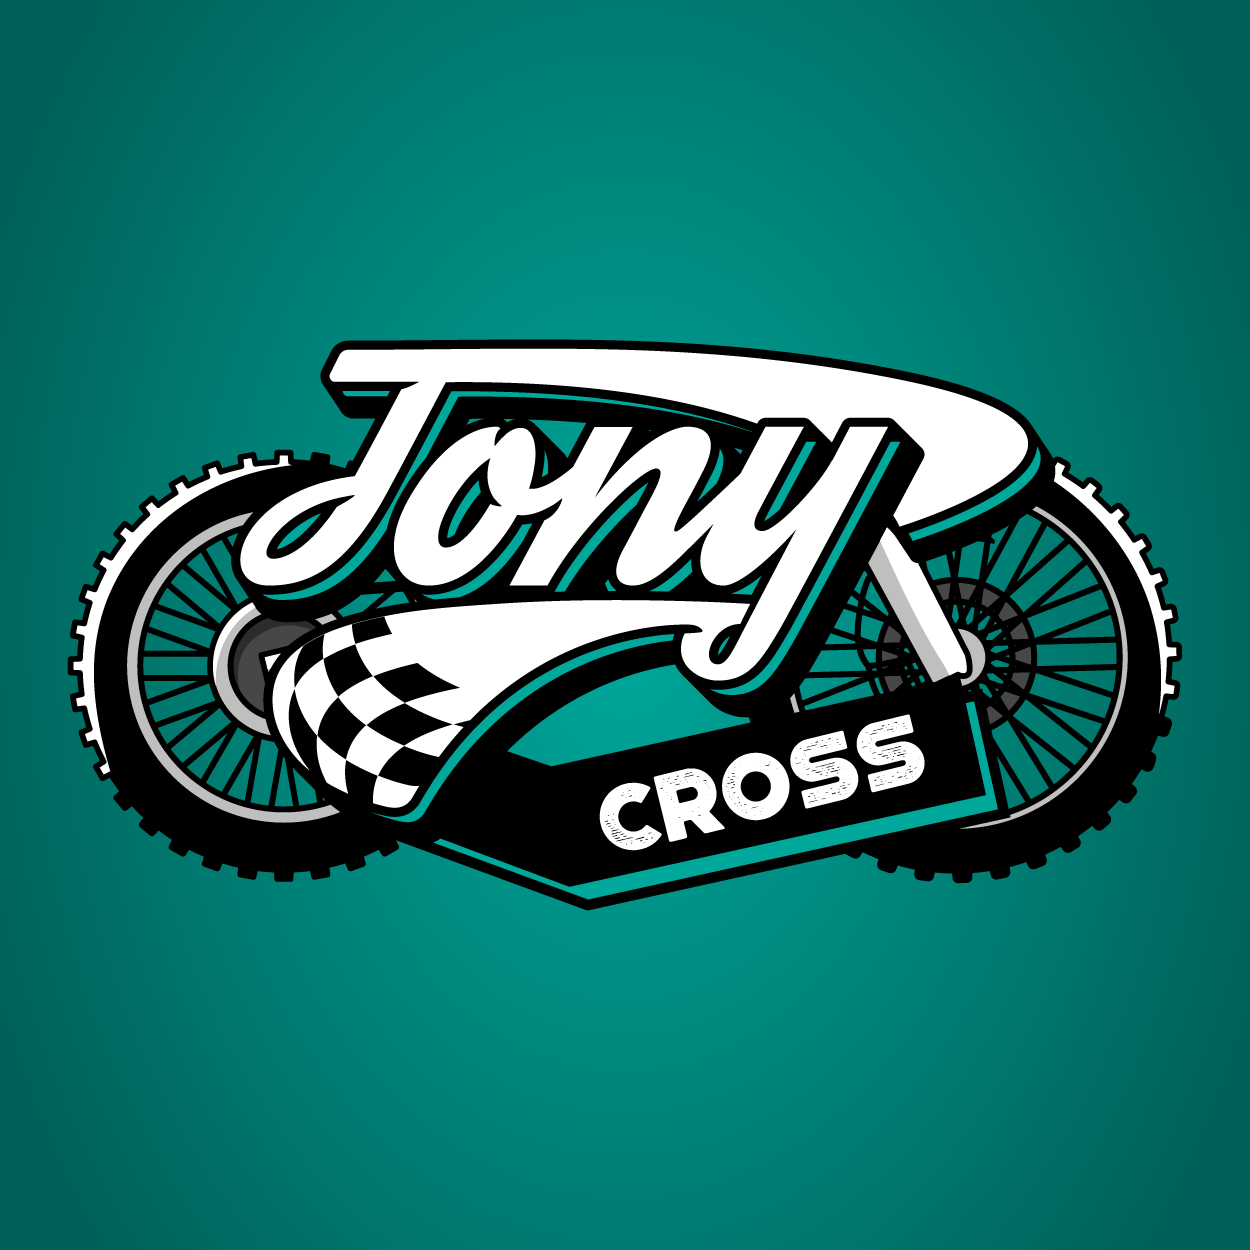 Tony Cross - Logo